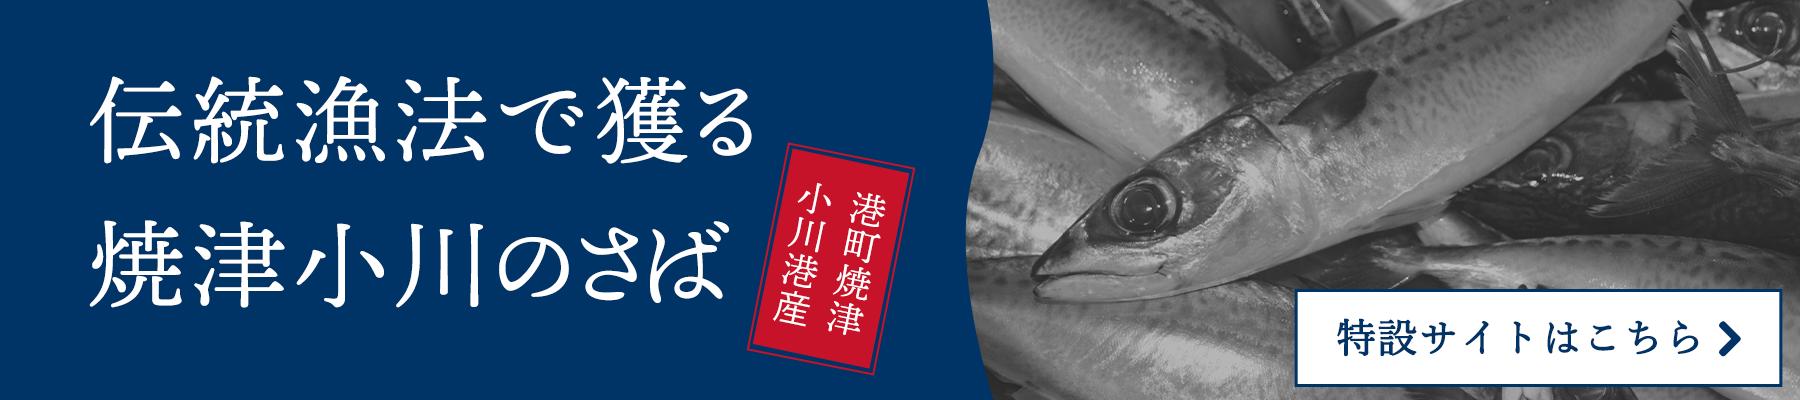 伝統漁法で獲る焼津小川のさば